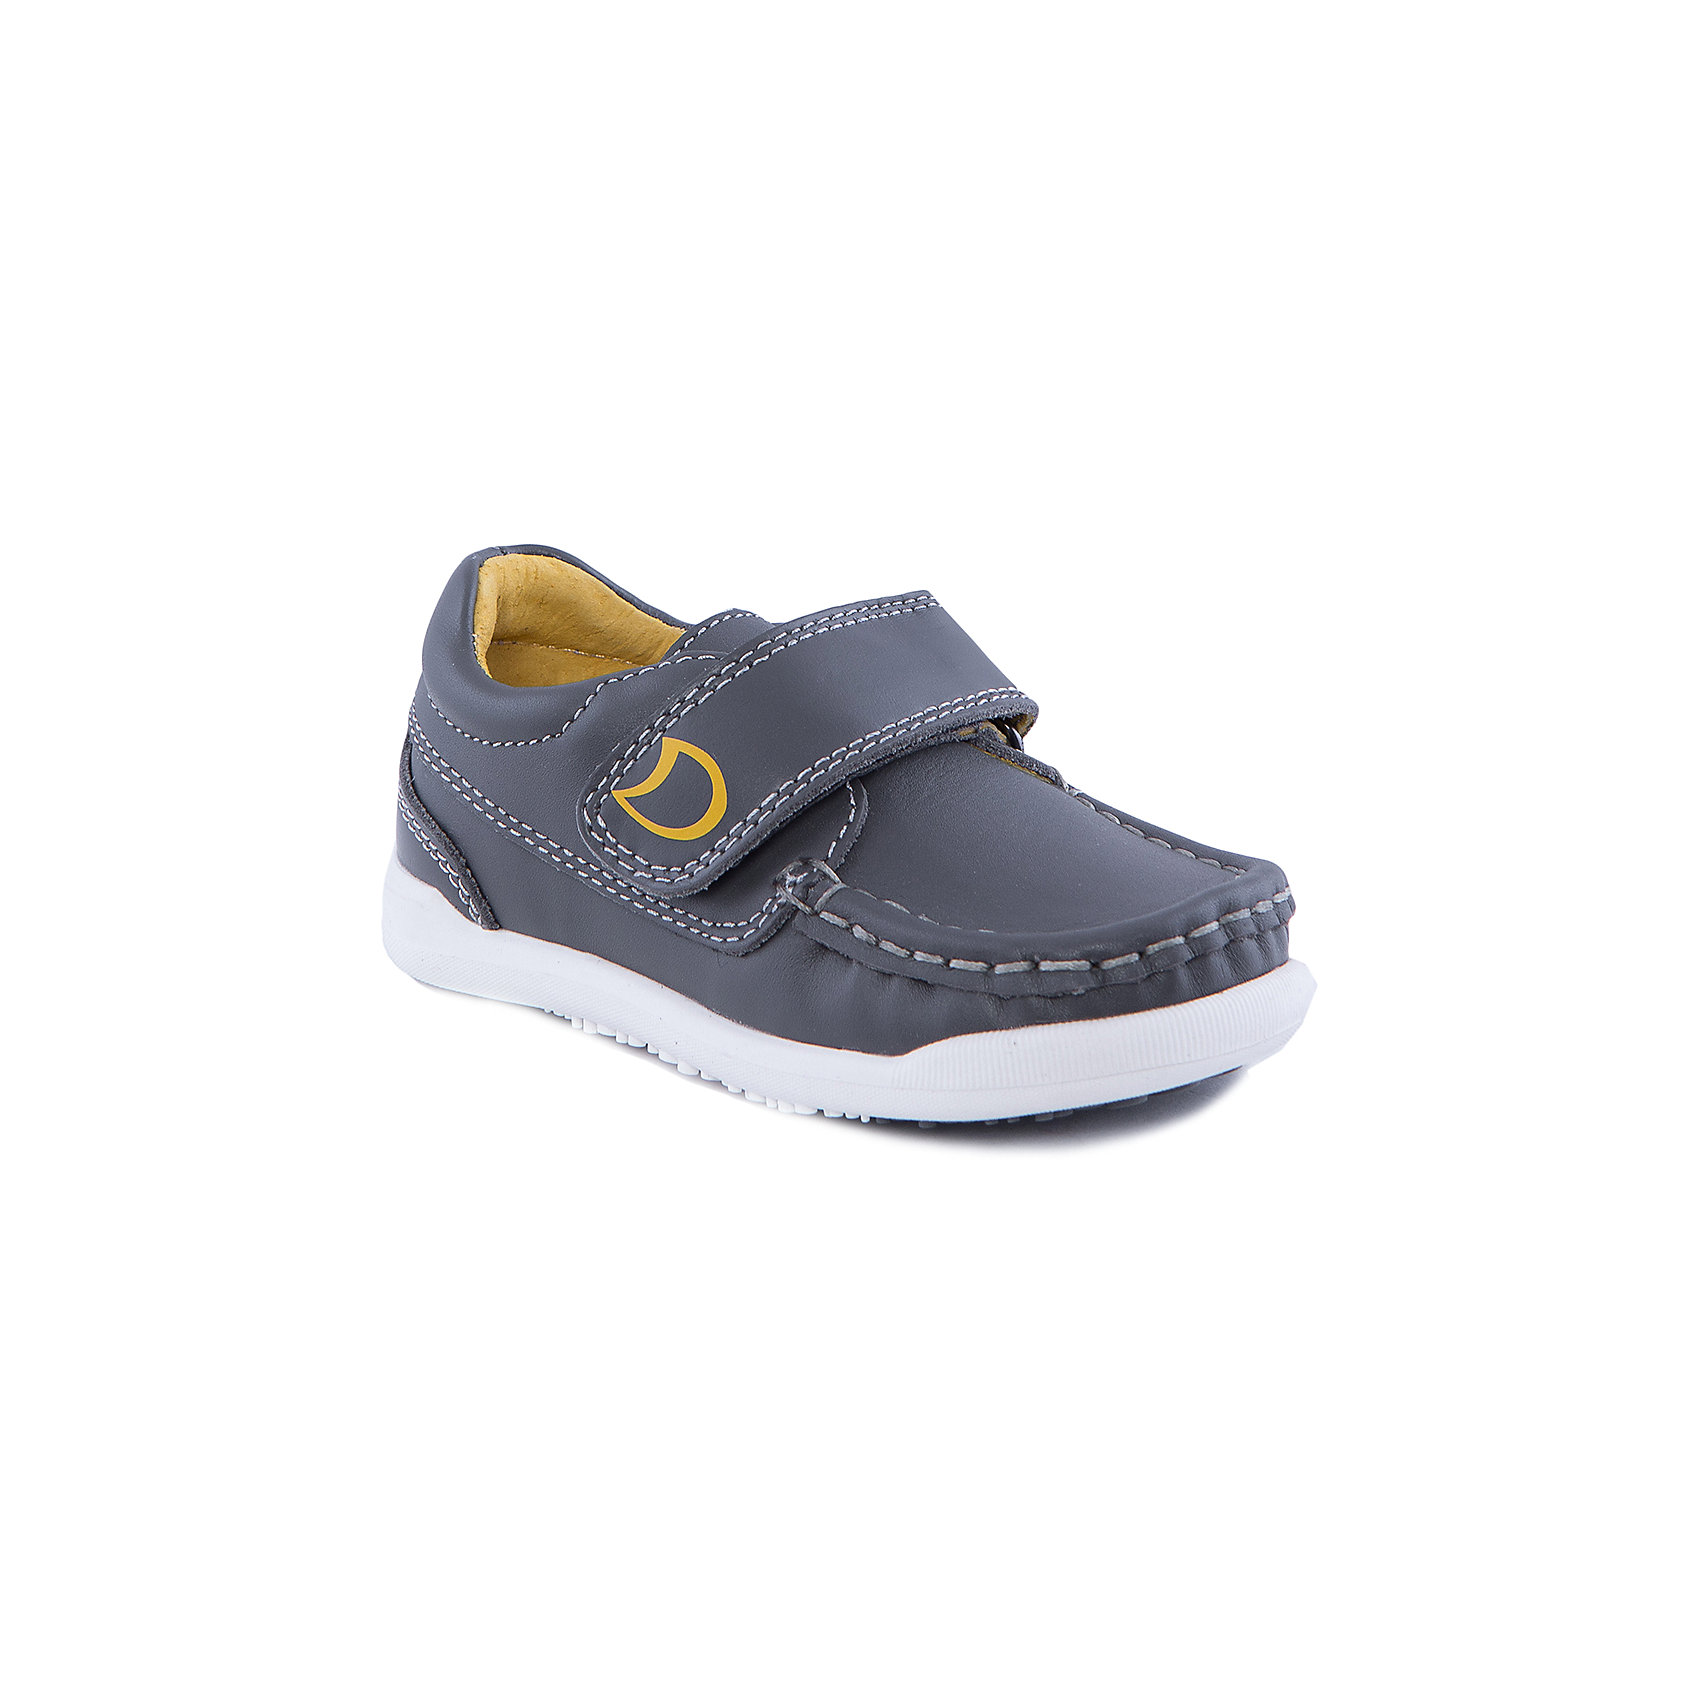 Мокасины для мальчика КотофейТуфли для мальчика от популярной марки Котофей.<br>Удобные и стильные туфли для мальчика – это комфортная и практичная обувь. Они легко застегиваются благодаря липучке, отлично прошиты. Сделаны из натуральной кожи.<br>Их отличительные особенности:<br>- модный дизайн;<br>- практичный серый цвет;<br>- комфортная колодка;<br>- устойчивая подошва;<br>- удобная застежка-липучка;<br>- материал – натуральная кожа.<br>Дополнительная информация:<br>- Температурный режим: от + 5° С  до + 25° С.<br>- Состав:<br>материал верха: натуральная кожа<br>материал подкладки: натуральная кожа<br>подошва: ТЭП.<br>Туфли для мальчика Котофей можно купить в нашем магазине.<br><br>Ширина мм: 227<br>Глубина мм: 145<br>Высота мм: 124<br>Вес г: 325<br>Цвет: серый<br>Возраст от месяцев: 18<br>Возраст до месяцев: 21<br>Пол: Мужской<br>Возраст: Детский<br>Размер: 23,24,25,26<br>SKU: 4206813